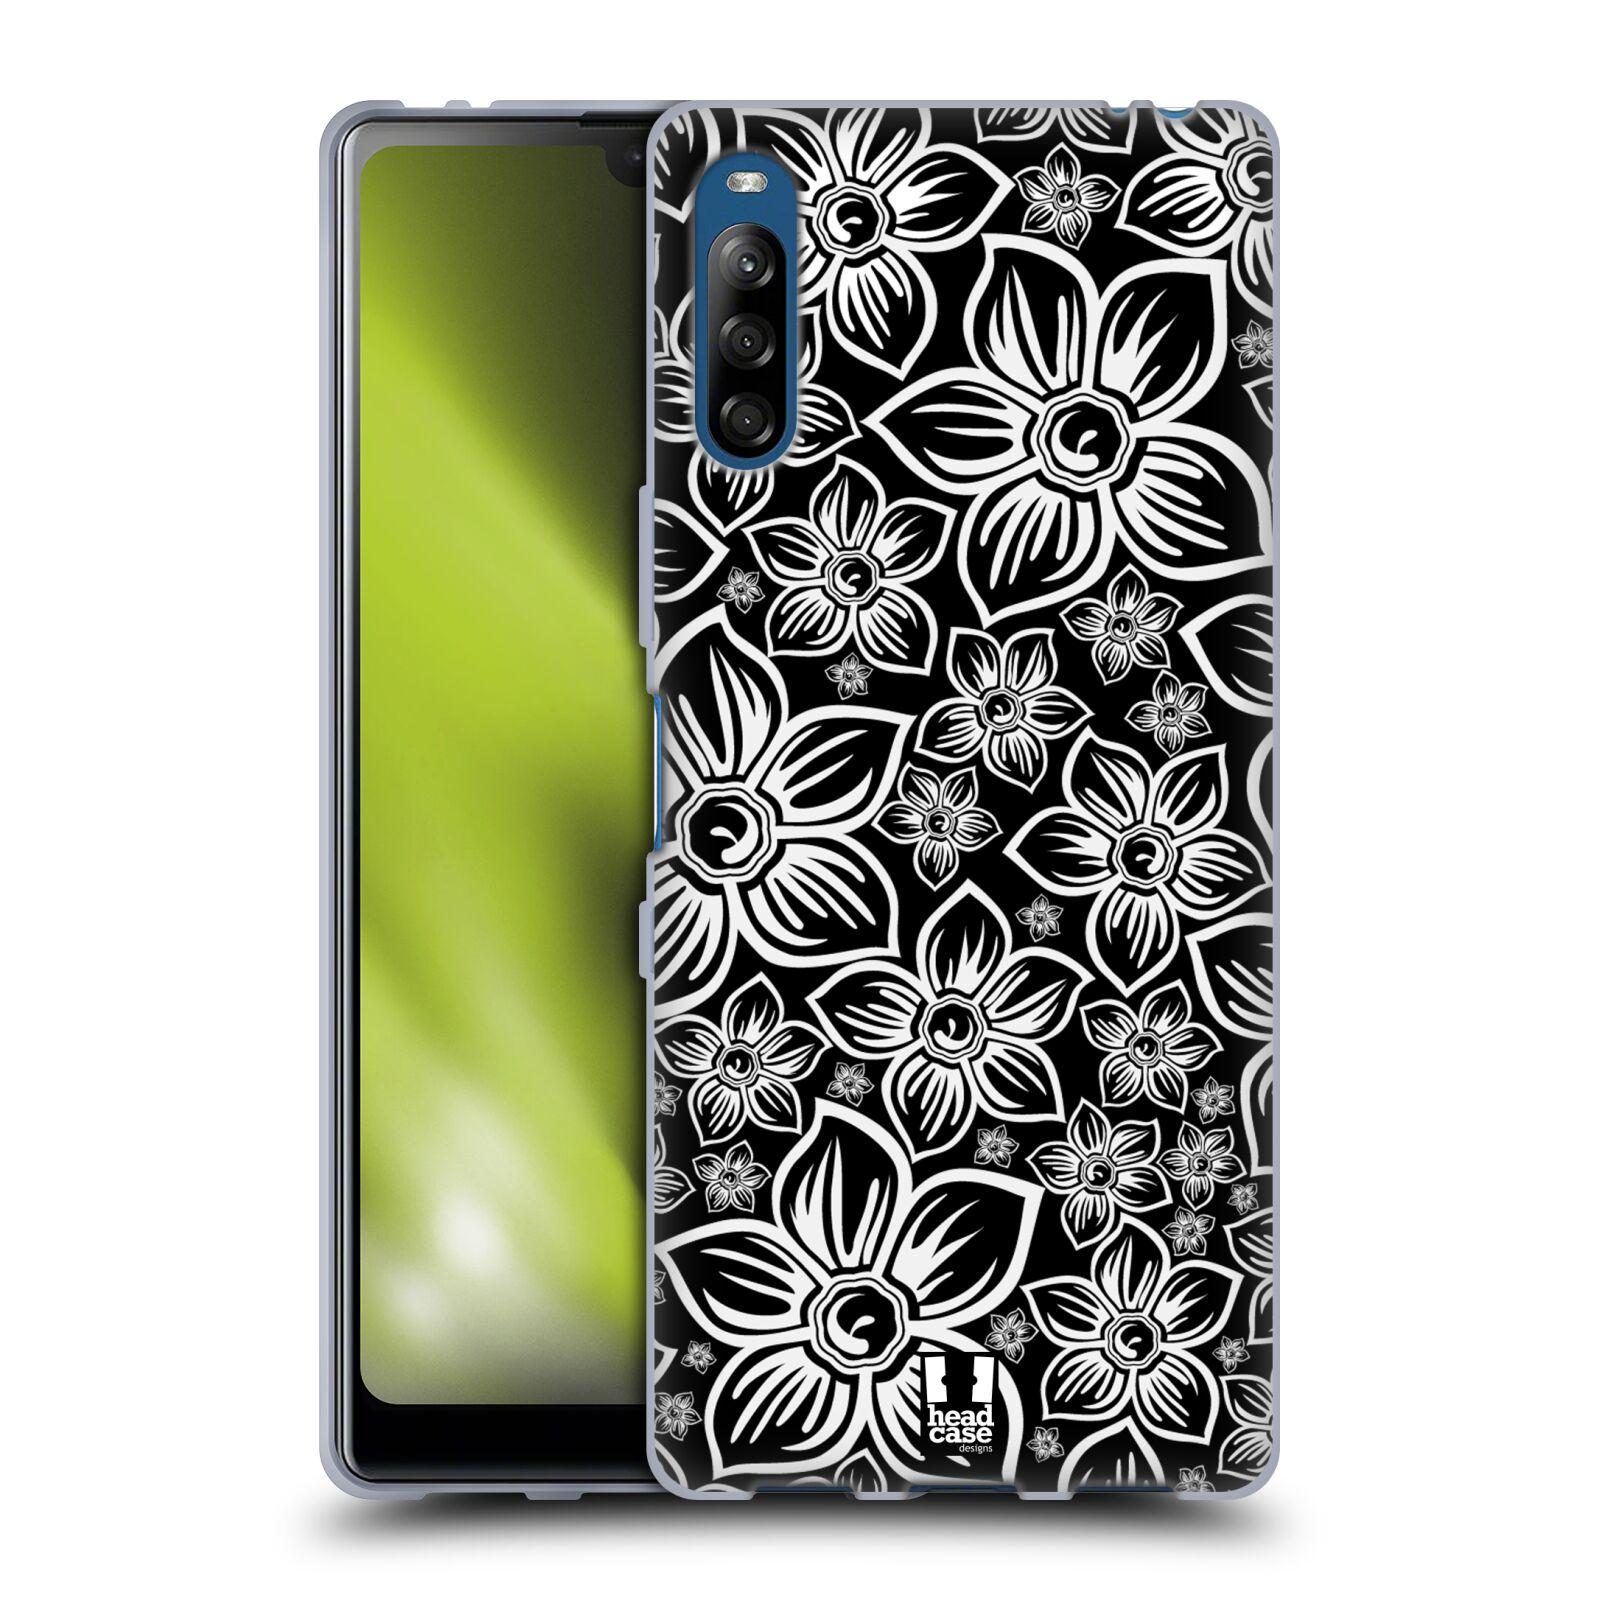 Silikonové pouzdro na mobil Sony Xperia L4 - Head Case - FLORAL DAISY